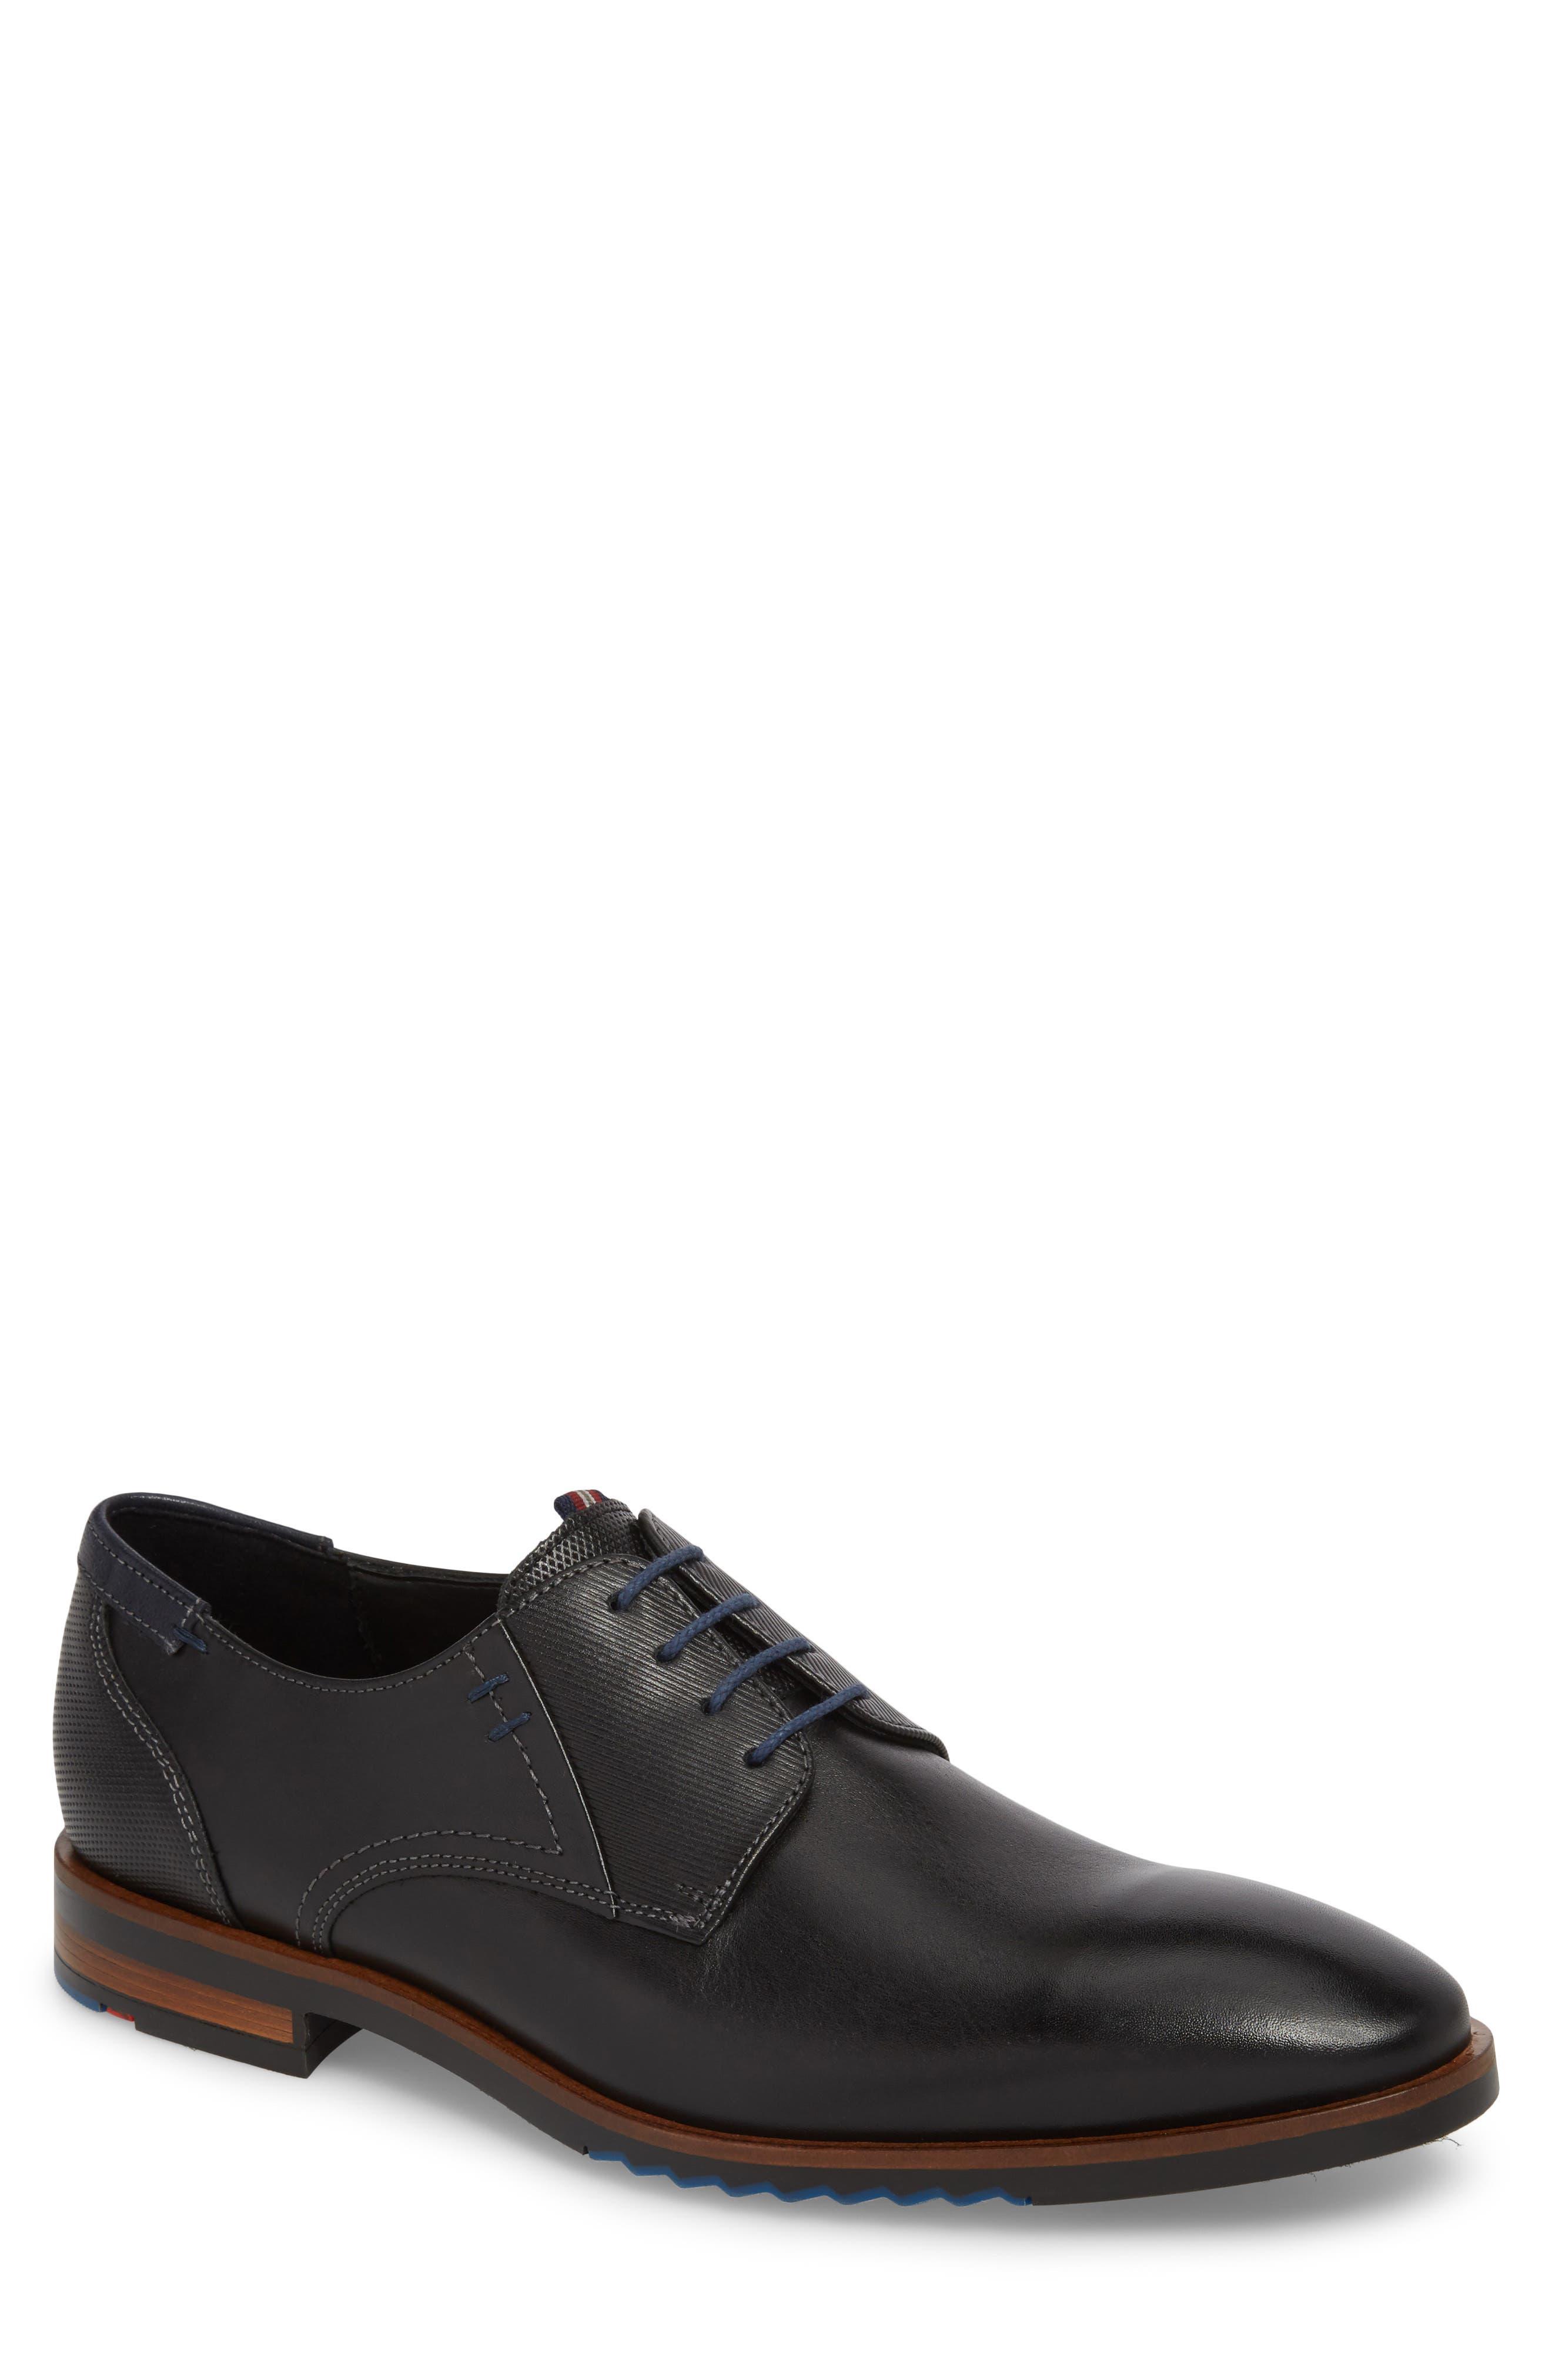 Deno Plain Toe Derby,                         Main,                         color, Black/ Blue Leather